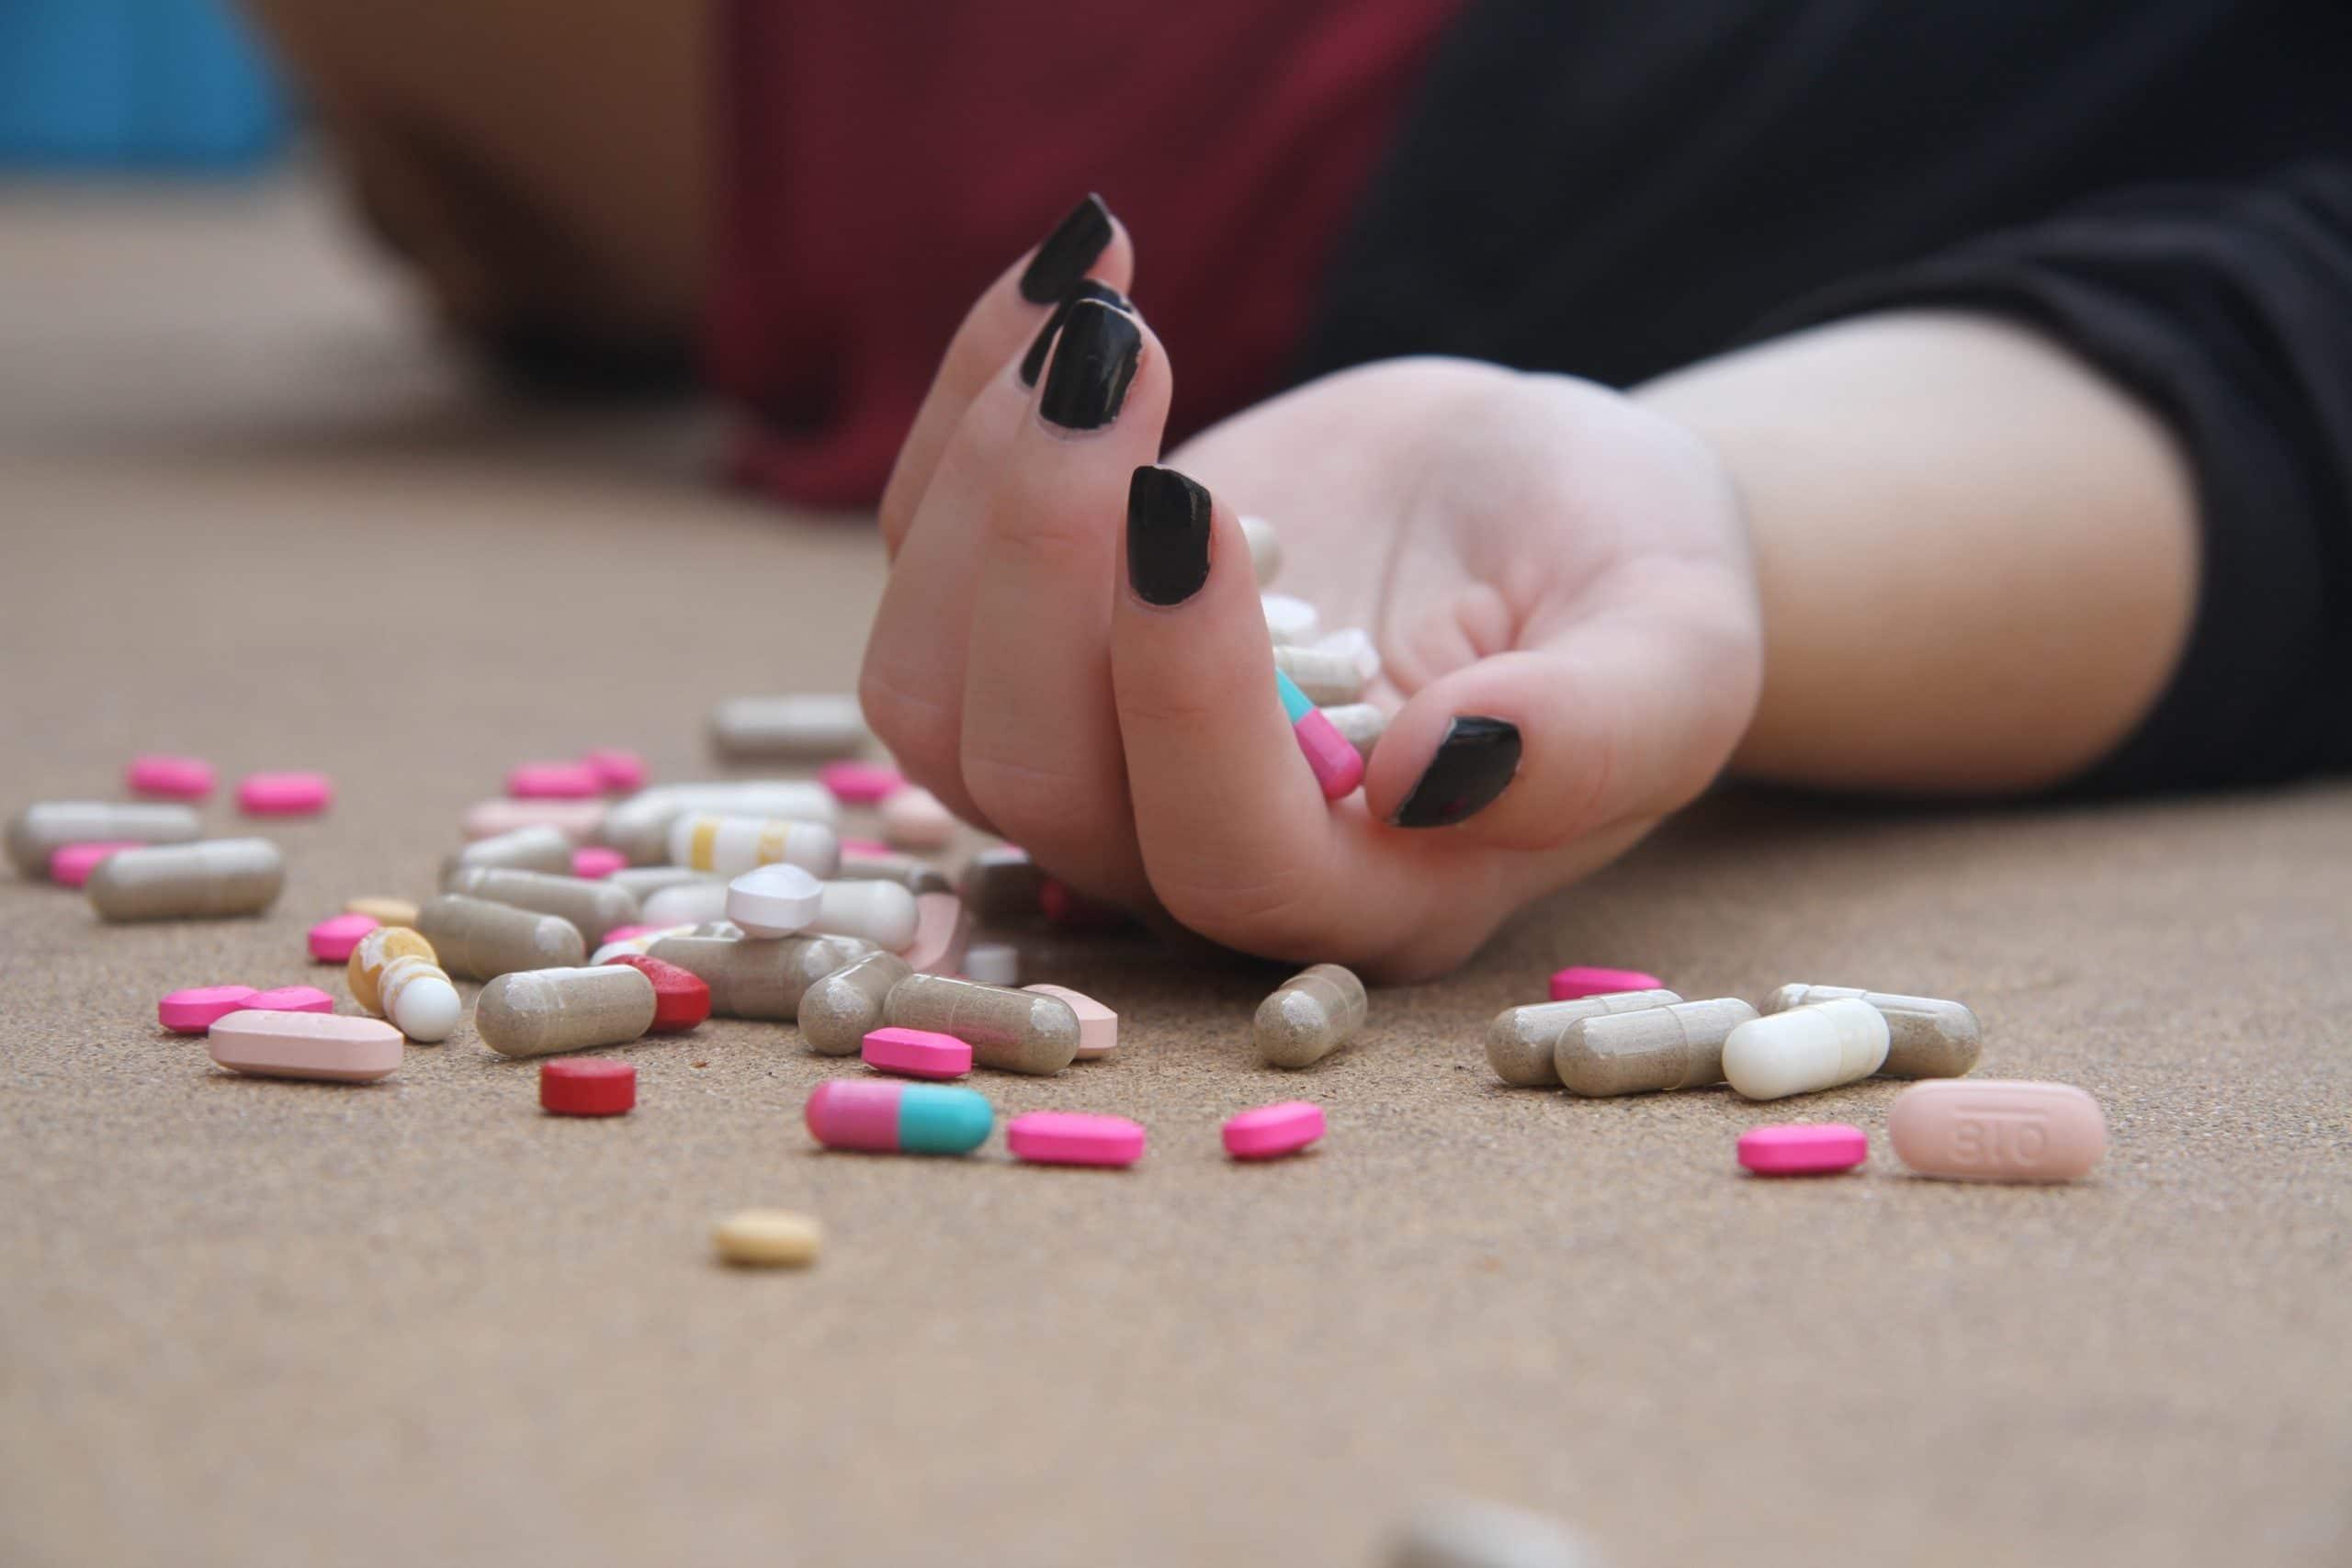 Mão de uma mulher caída no chão, segurando vários comprimidos que se espalham pela superfície., indicando uma tentativa de suicídio.